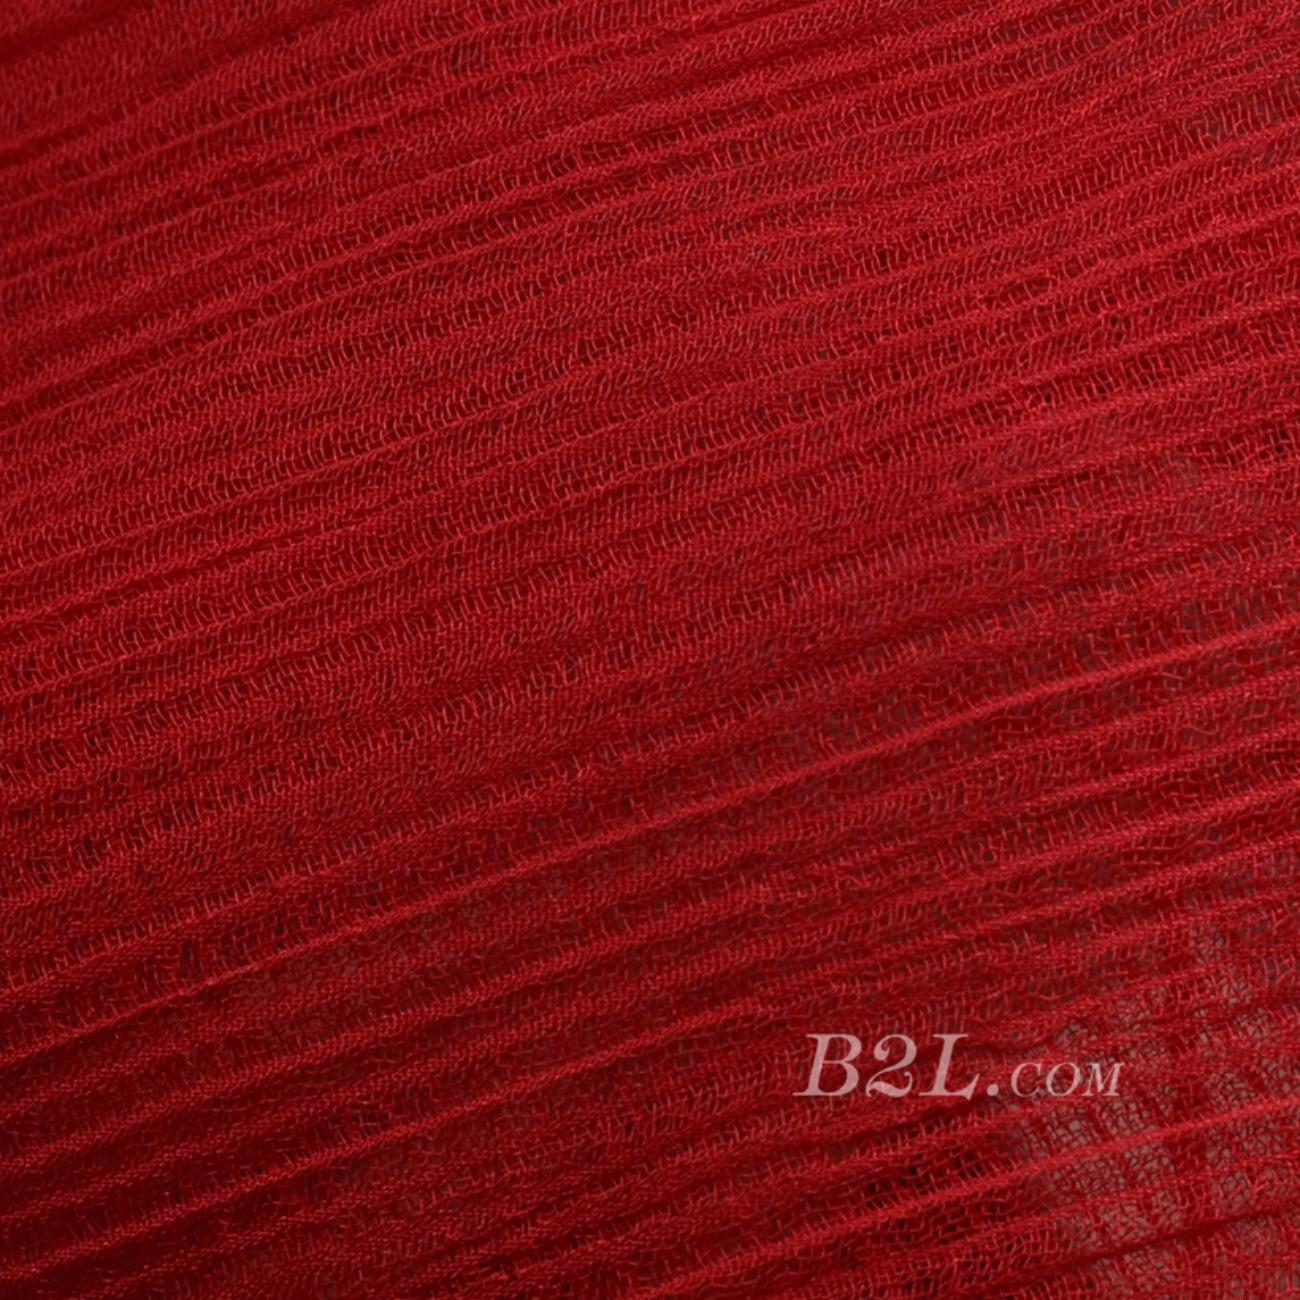 素色 梭织 全涤 雪纺 牙签条 染色 低弹 柔软 薄 连衣裙 衬衫 春秋 60802-8